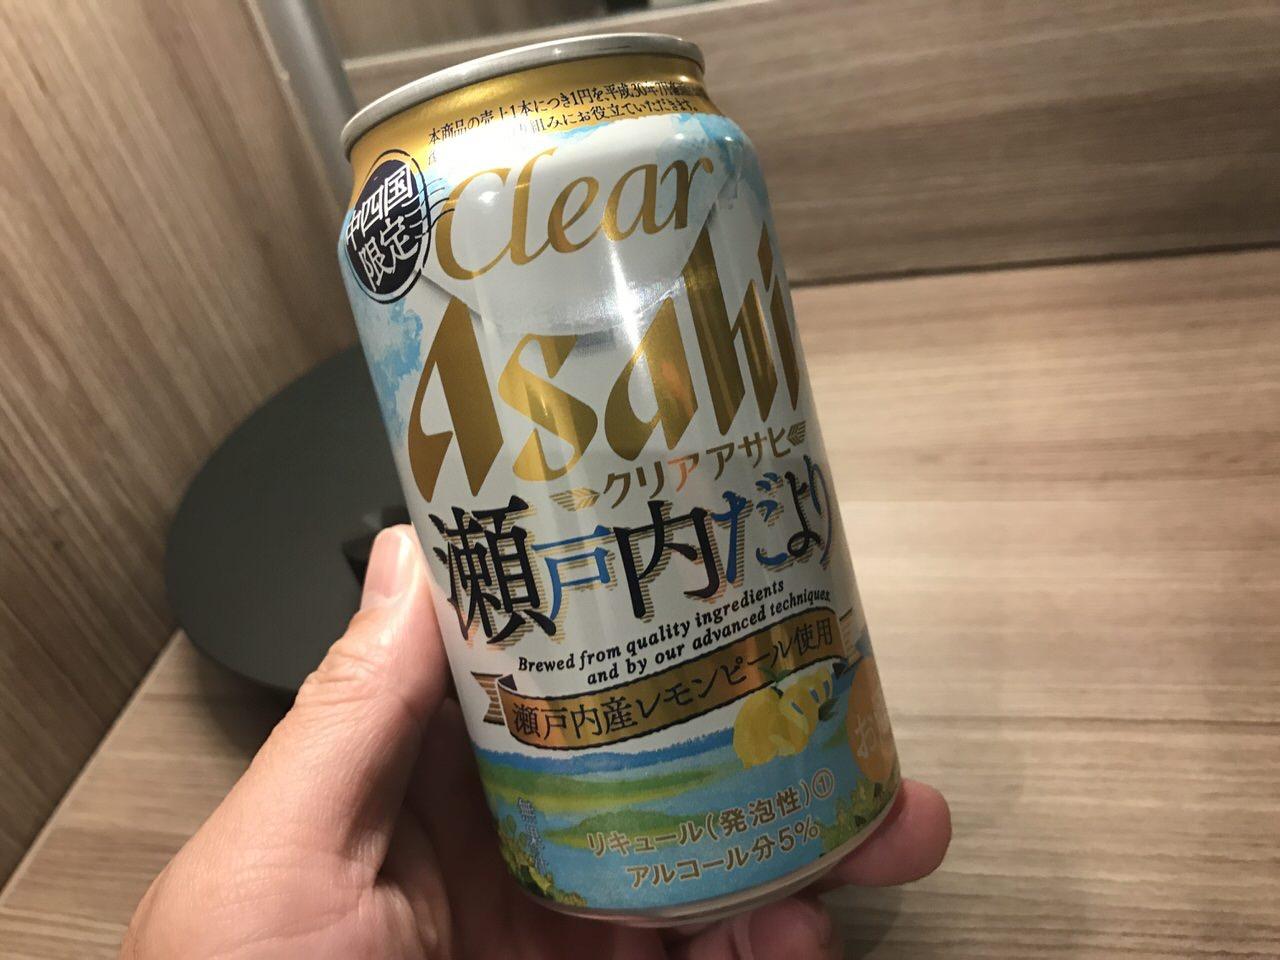 瀬戸内産レモンピールを使用した中四国限定の「クリアアサヒ 瀬戸内だより」が甘くなくて美味い